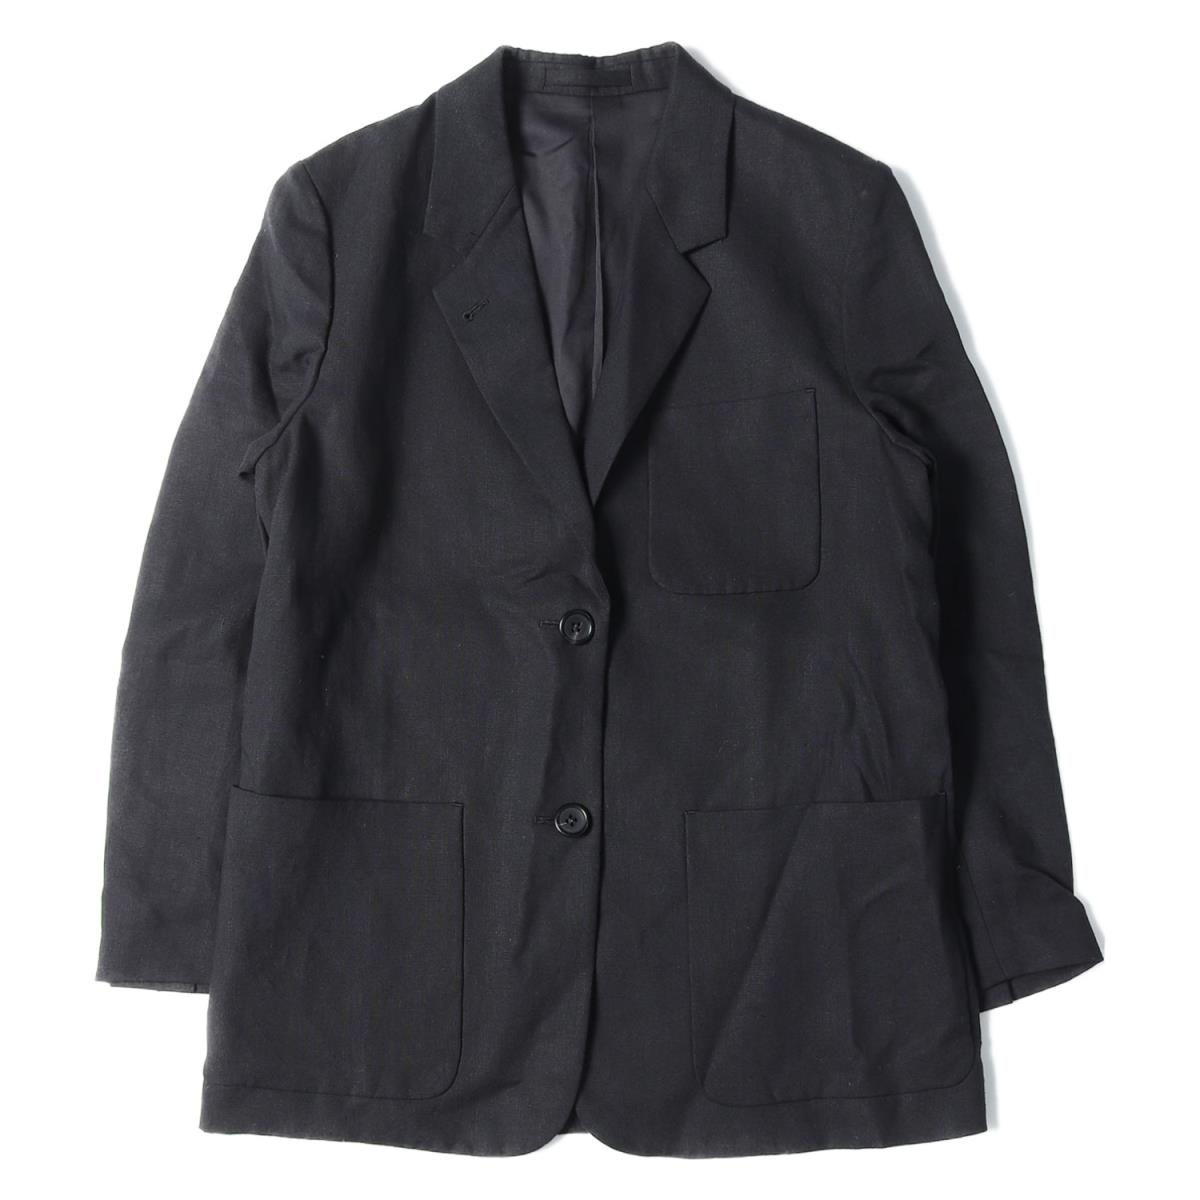 MARGARET HOWELL(マーガレットハウエル) リネン テーラードジャケット FINE COMPACT LINEN 19春夏 ブラック 2 【レディース】【中古】【美品】【K2407】